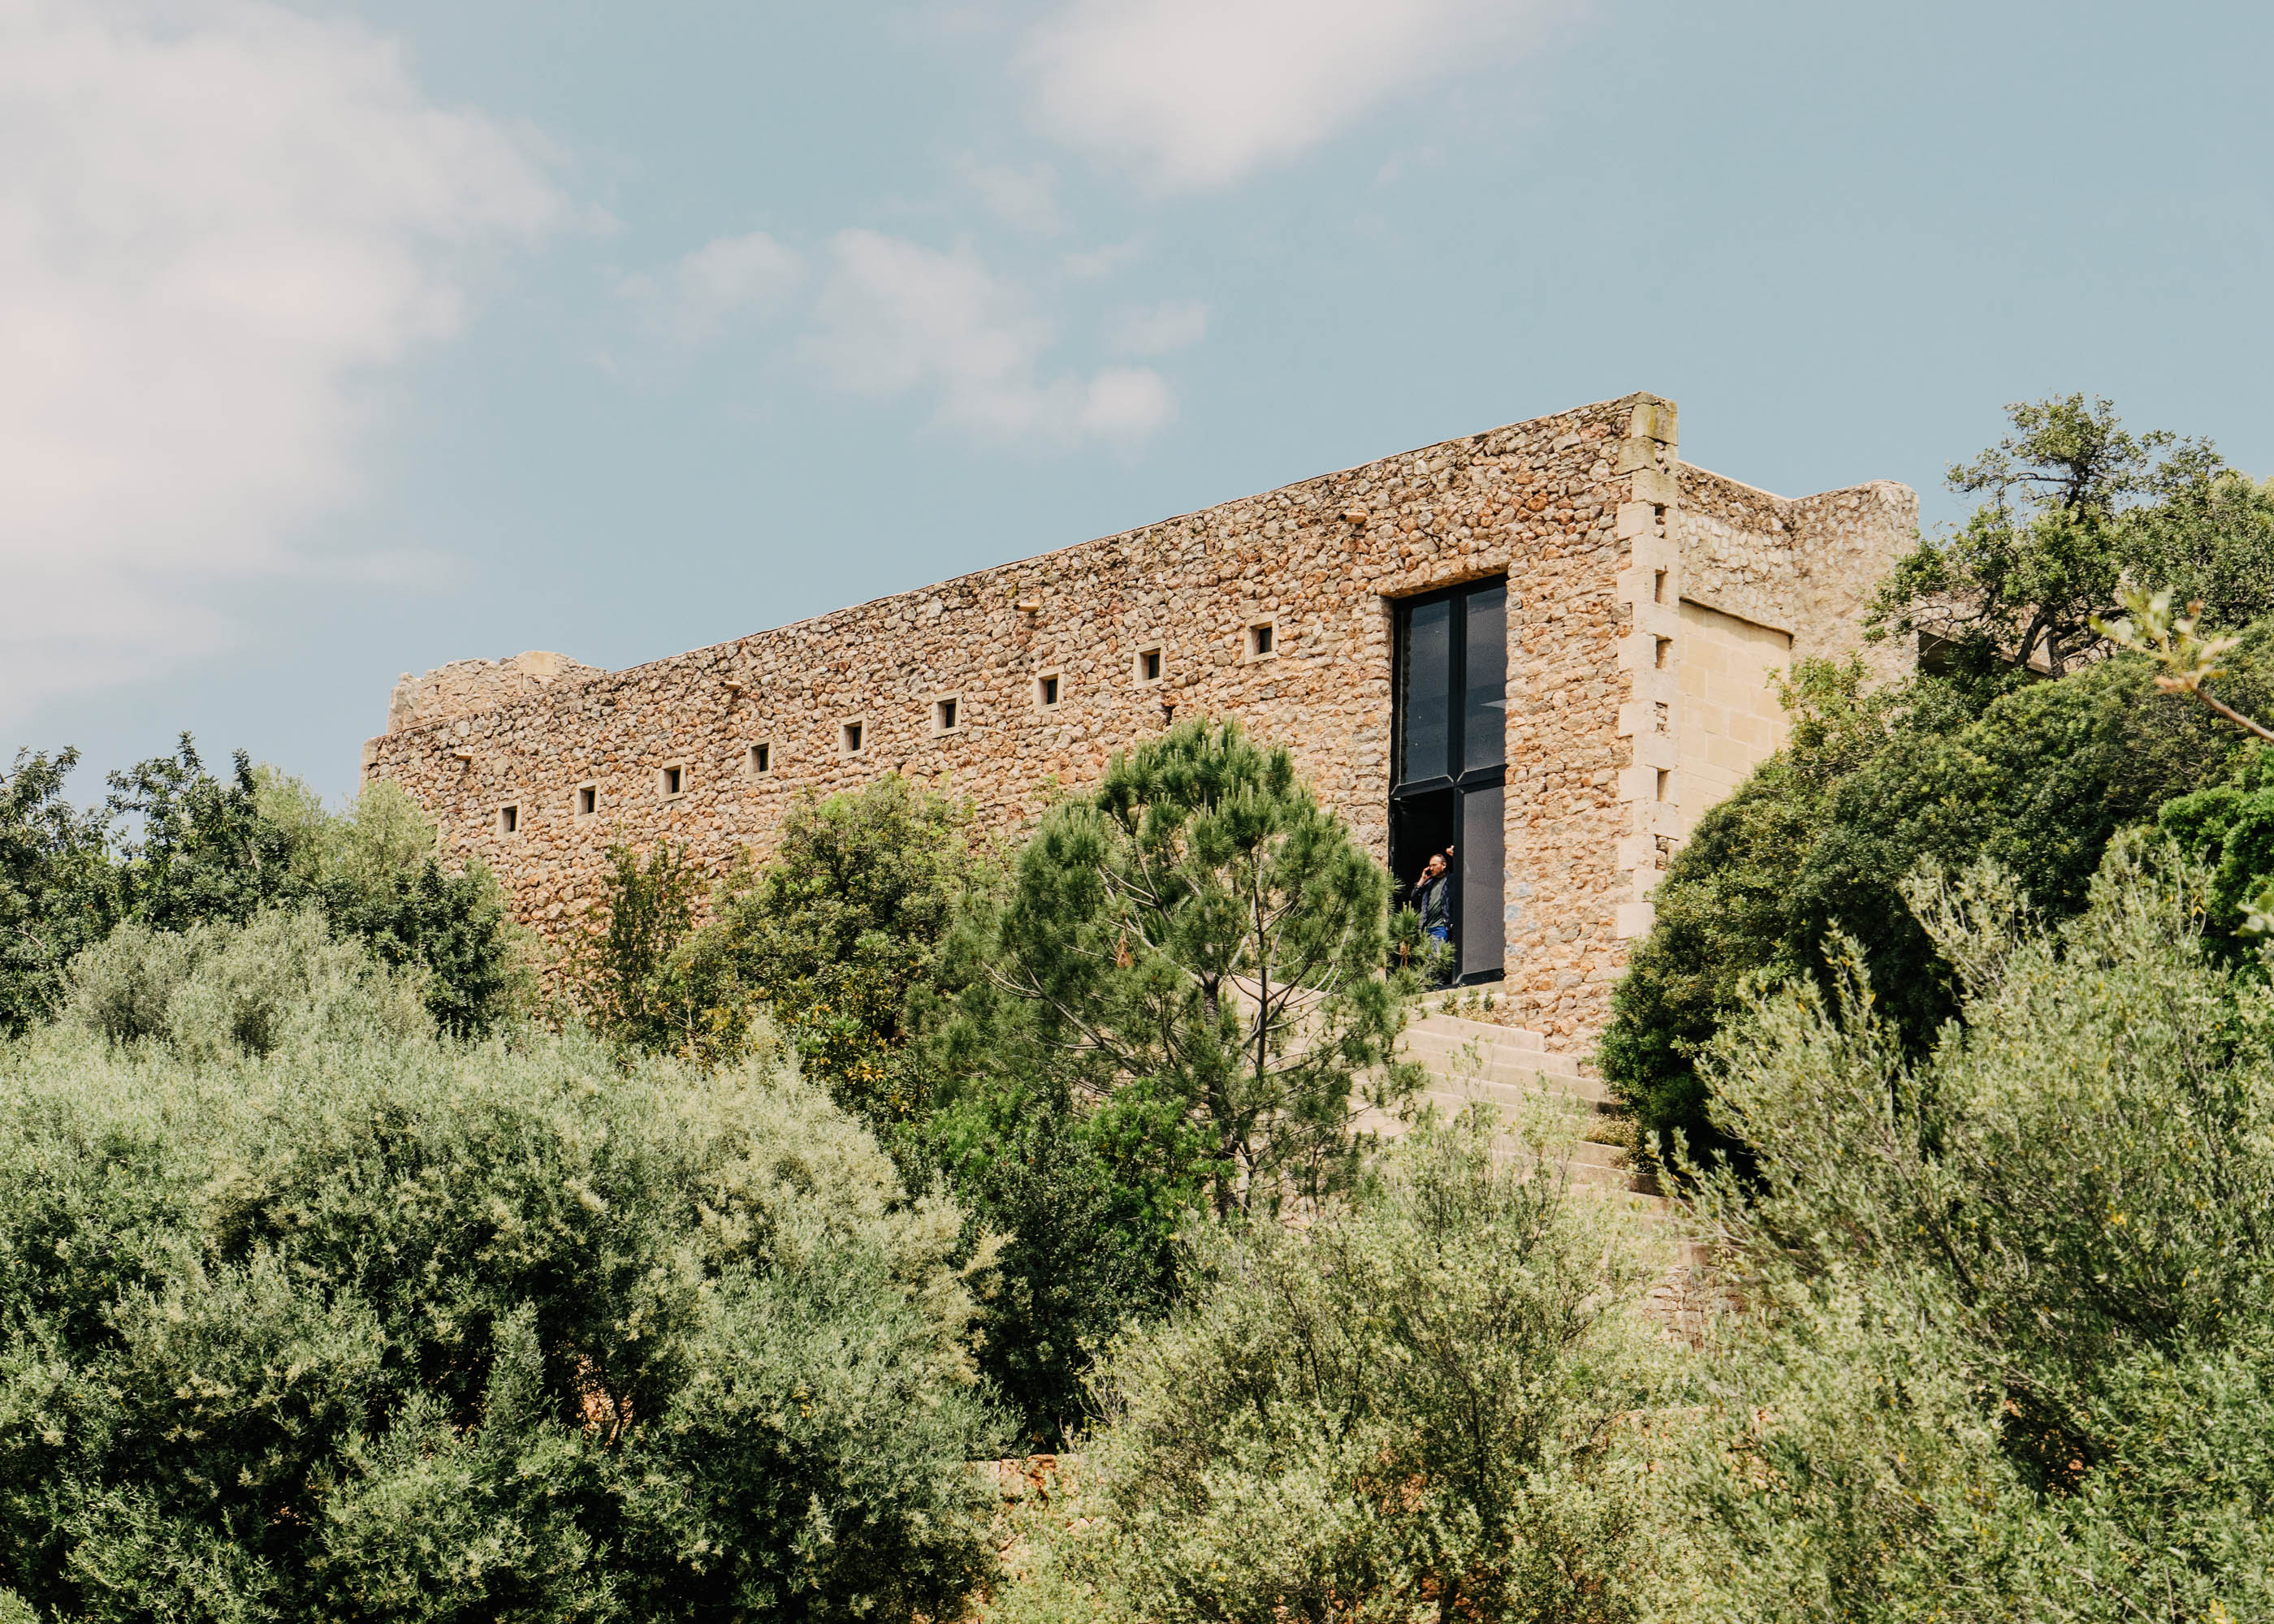 #architecture #miquel #barcelo #artist #studio #mallorca #editorial #wsj #wallstreetjournal